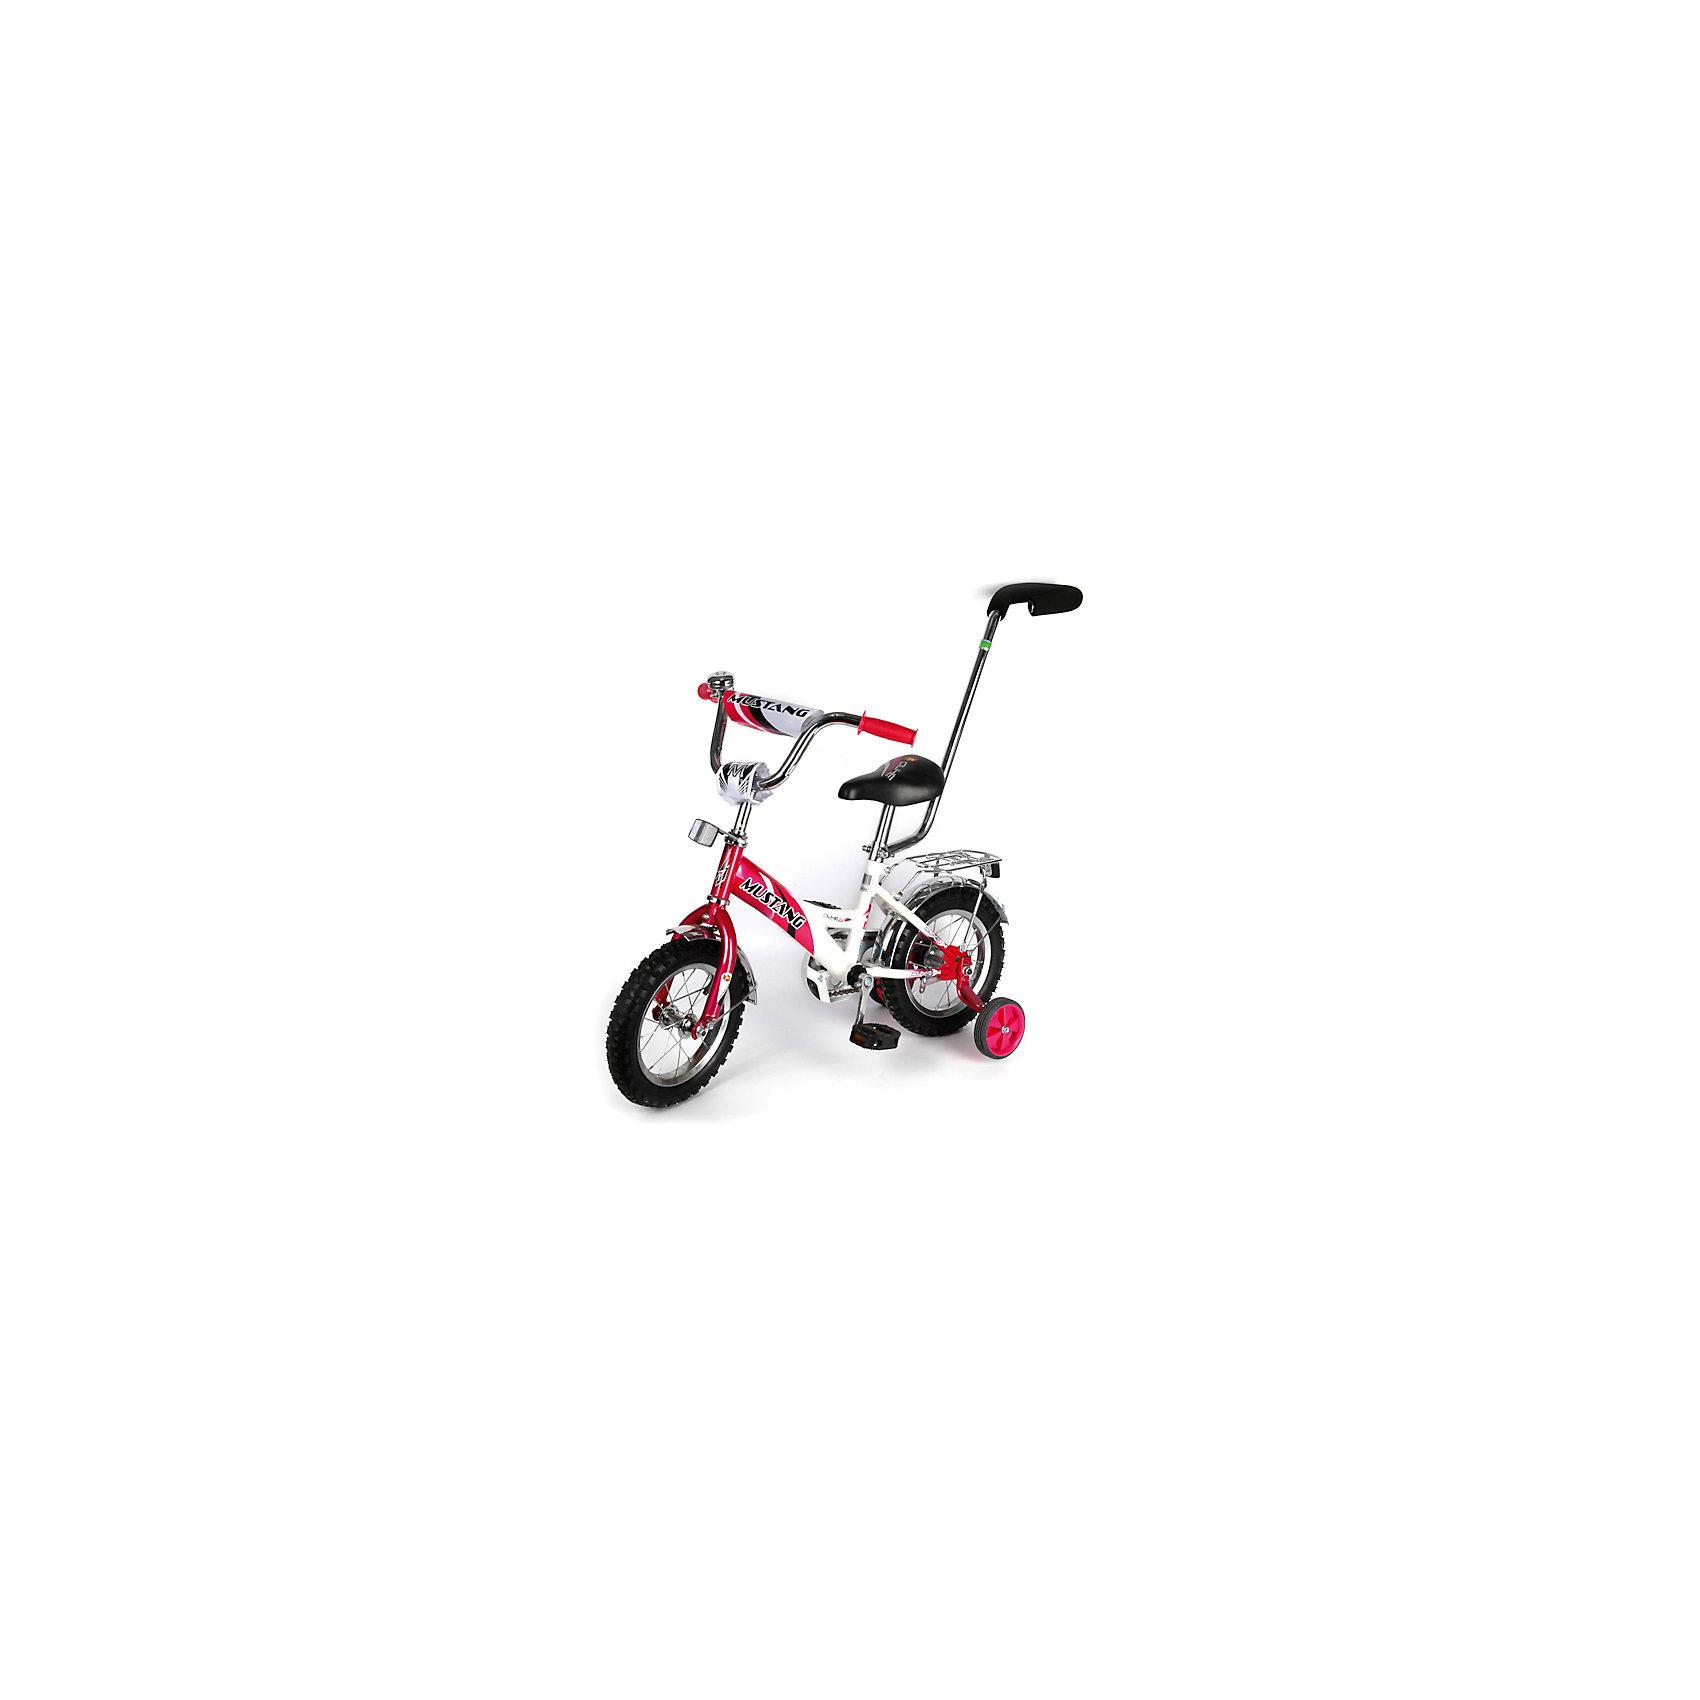 """Детский велосипед,  12"""",  малиновый/белый, MustangВелосипеды детские<br>Характеристики товара:<br><br>• цвет: малиновый, белый<br>• низкая Push-рама<br>• диаметр колес: 30 см (12)<br>• 1 скорость<br>• задний ножной тормоз<br>• регулируемый хромированный руль BMX с защитной накладкой<br>• багажник<br>• звонок<br>• приставные пластиковые колеса с усиленным кронштейном<br>• усиленные хромированные крылья<br>• съемная ручка-толкатель<br>• полная защита цепи """"Р"""" типа<br>• вес: 10,4 кг<br>• размер в собранном виде: 85х50х90 см<br>• допустимый вес: до 35 кг<br>• рекомендуемый возраст: от 12 мес<br>• страна производства: Китай<br><br>Велосипед детский «Mustang» 12"""" можно купить в нашем магазине.<br><br>Ширина мм: 500<br>Глубина мм: 850<br>Высота мм: 900<br>Вес г: 10400<br>Возраст от месяцев: 12<br>Возраст до месяцев: 60<br>Пол: Женский<br>Возраст: Детский<br>SKU: 5526387"""